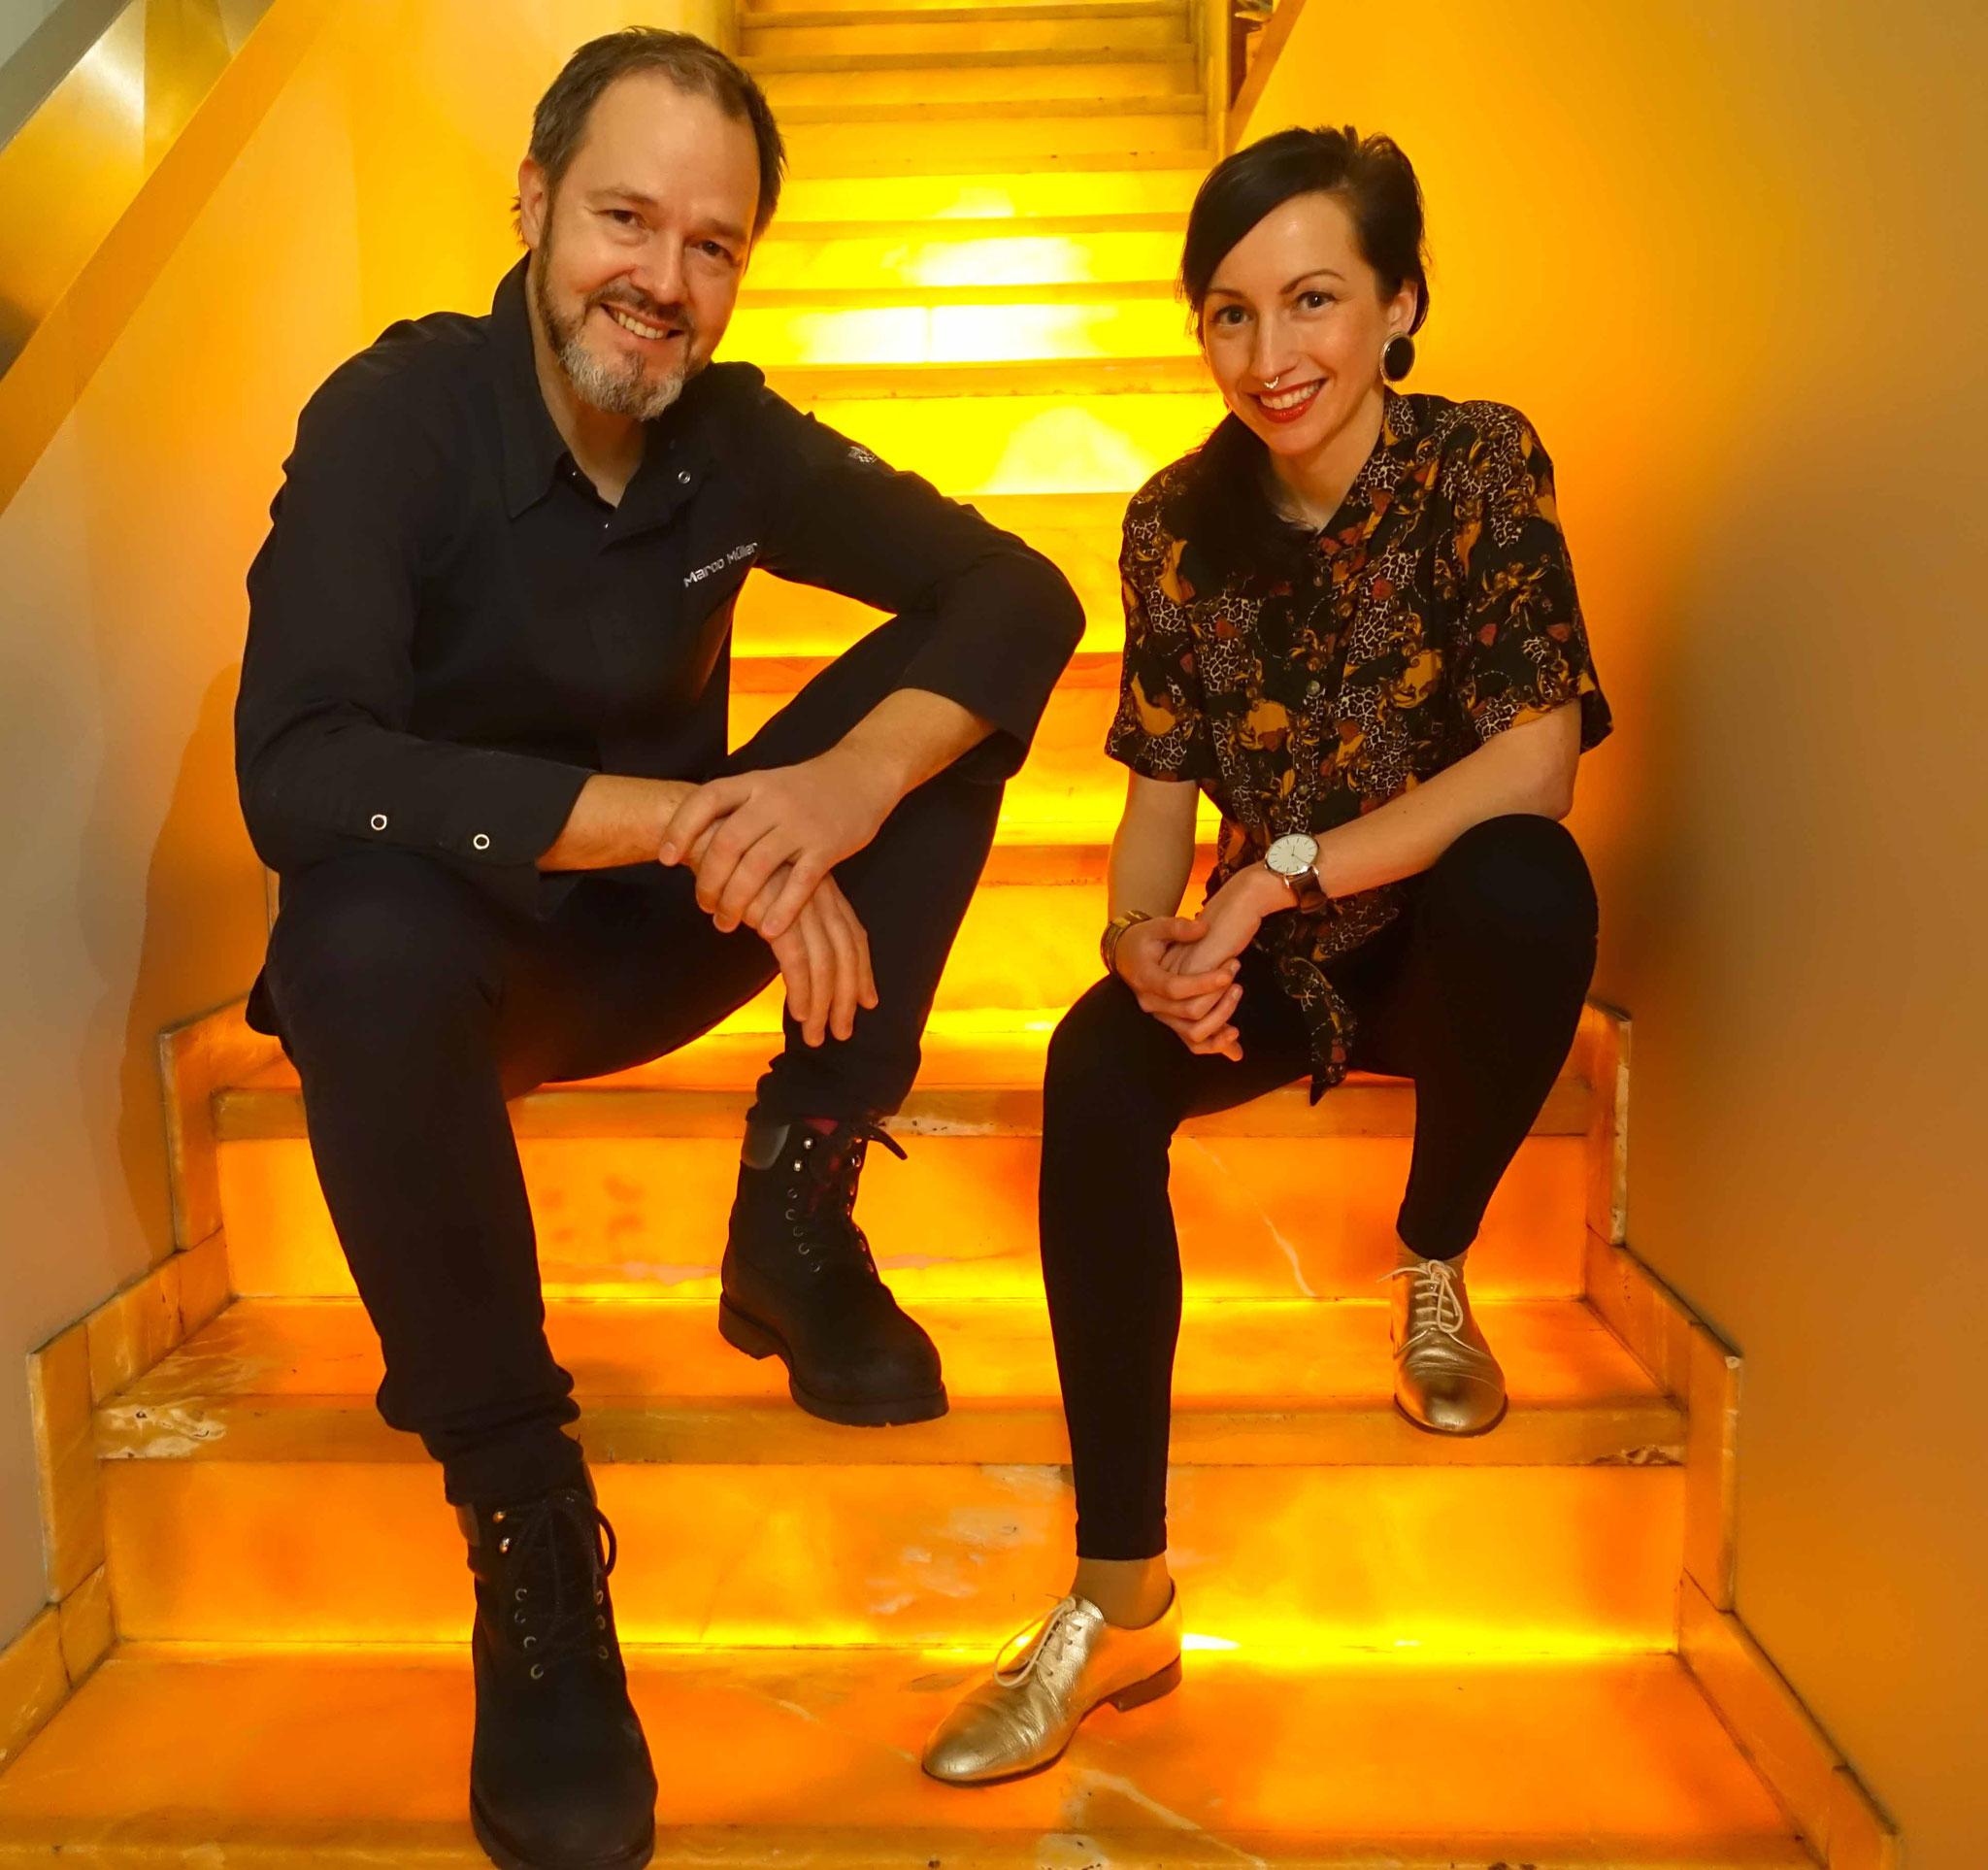 Auf der illuminierten Onyxtreppe im RUTZ kann man sich sehr gemütlich mit 2-Sterne-Köchen unterhalten.